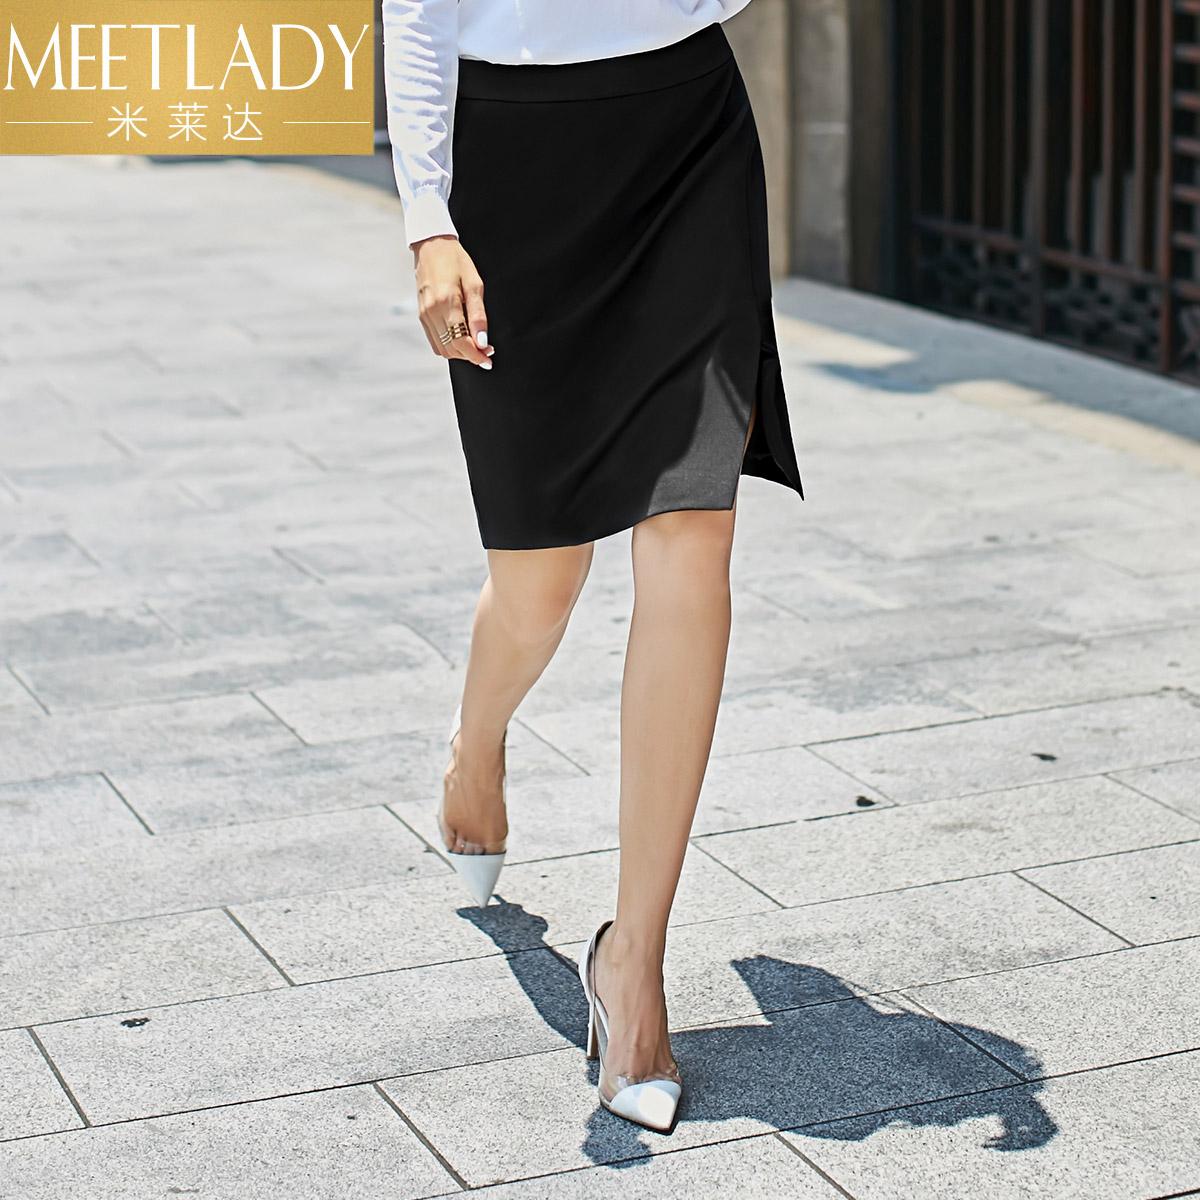 米萊達 2016 女裝 通勤純色中腰包臀裙 開衩百搭半身裙女